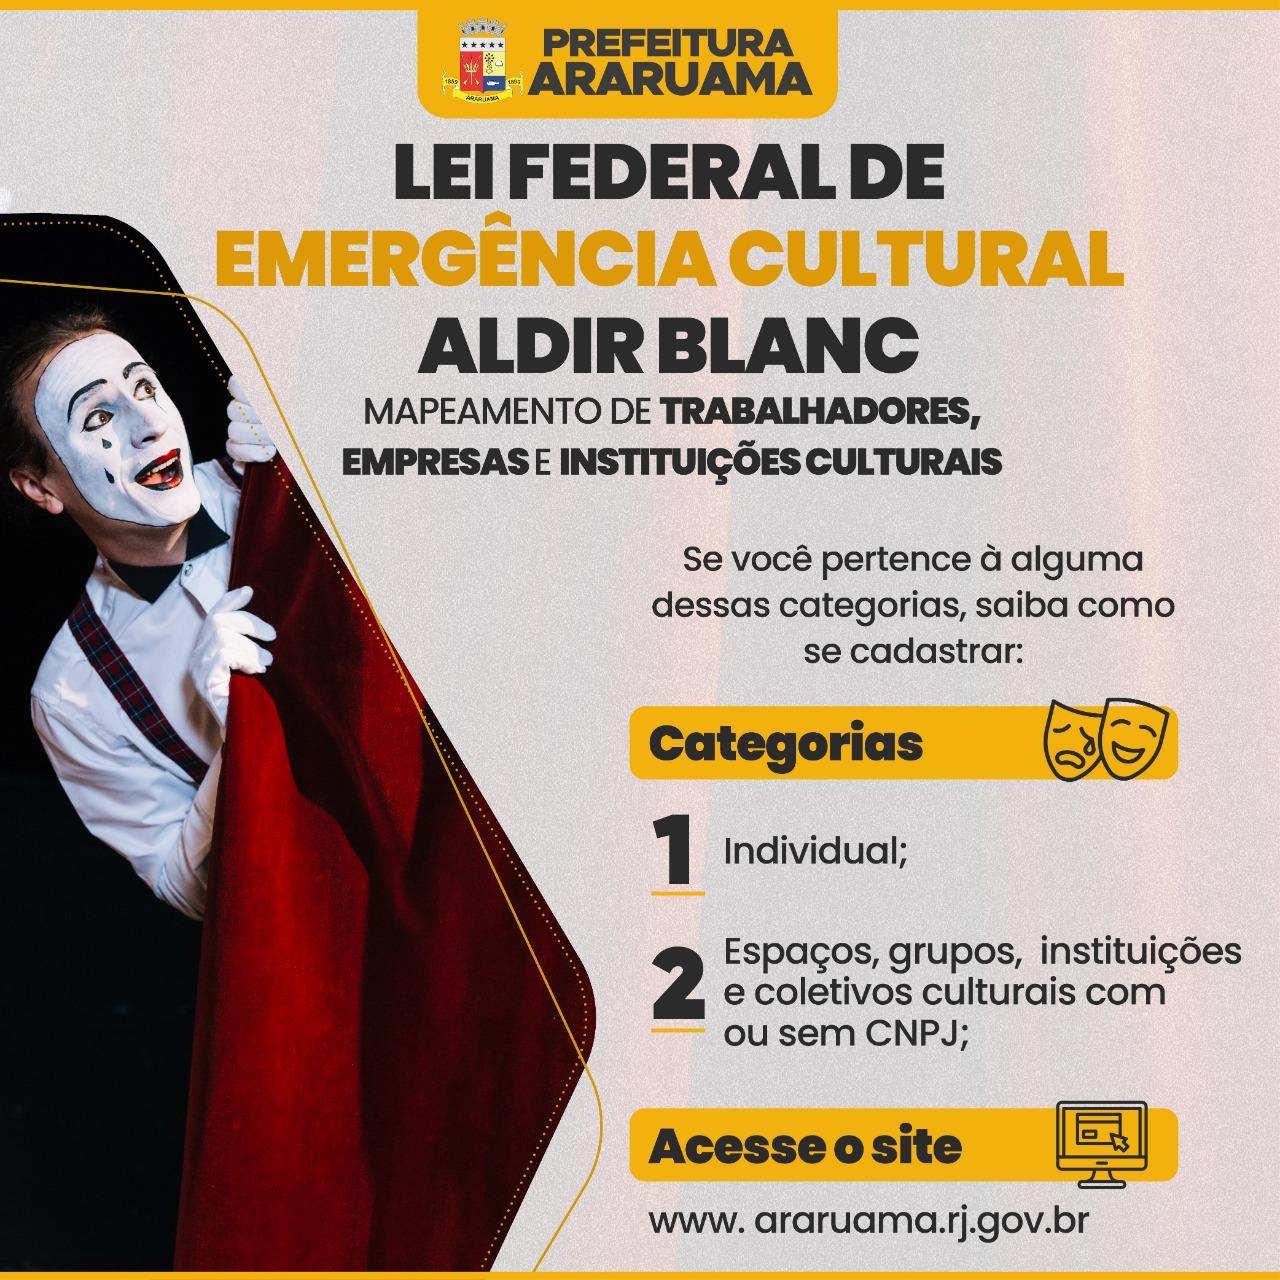 Prefeitura de Araruama realiza, em decorrência do Coronavírus, mapeamento de trabalhadores, empresas e instituições culturais, para atender a Lei Federal de Emergência Cultural Aldir Blanc